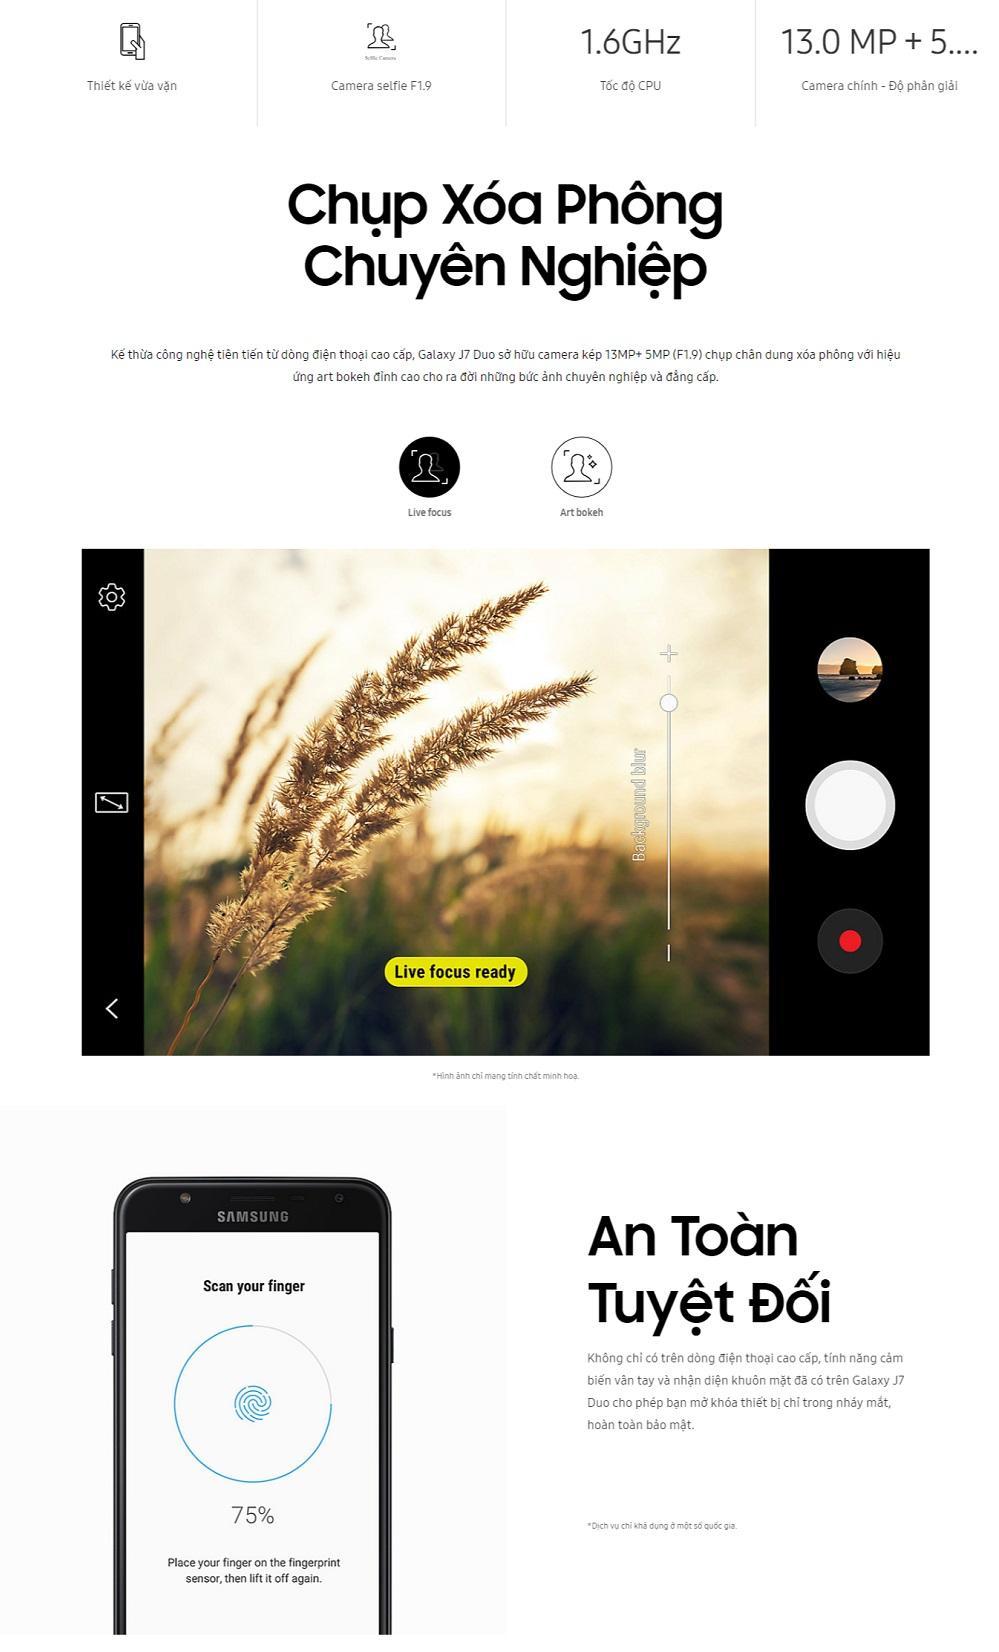 Samsung-Galaxy-J7-Duo-01.jpg